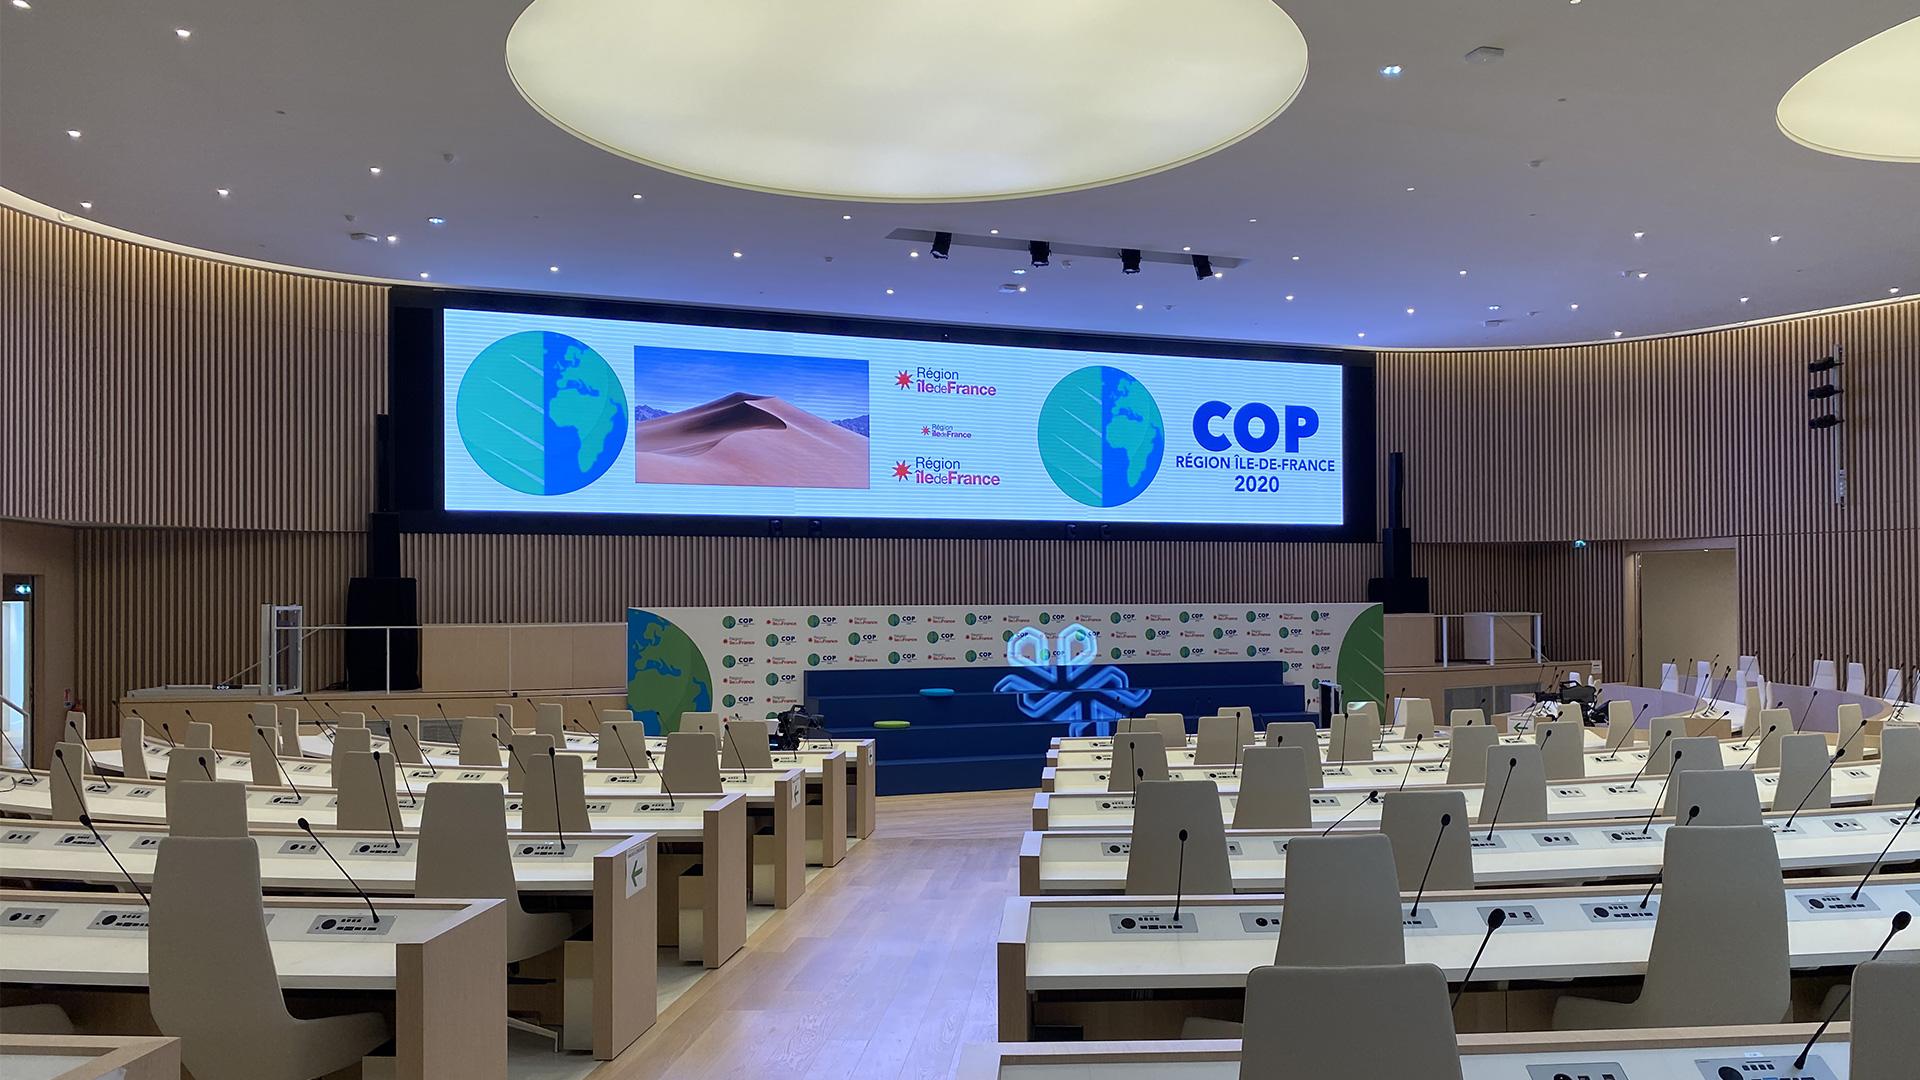 COP 2020 région île de France